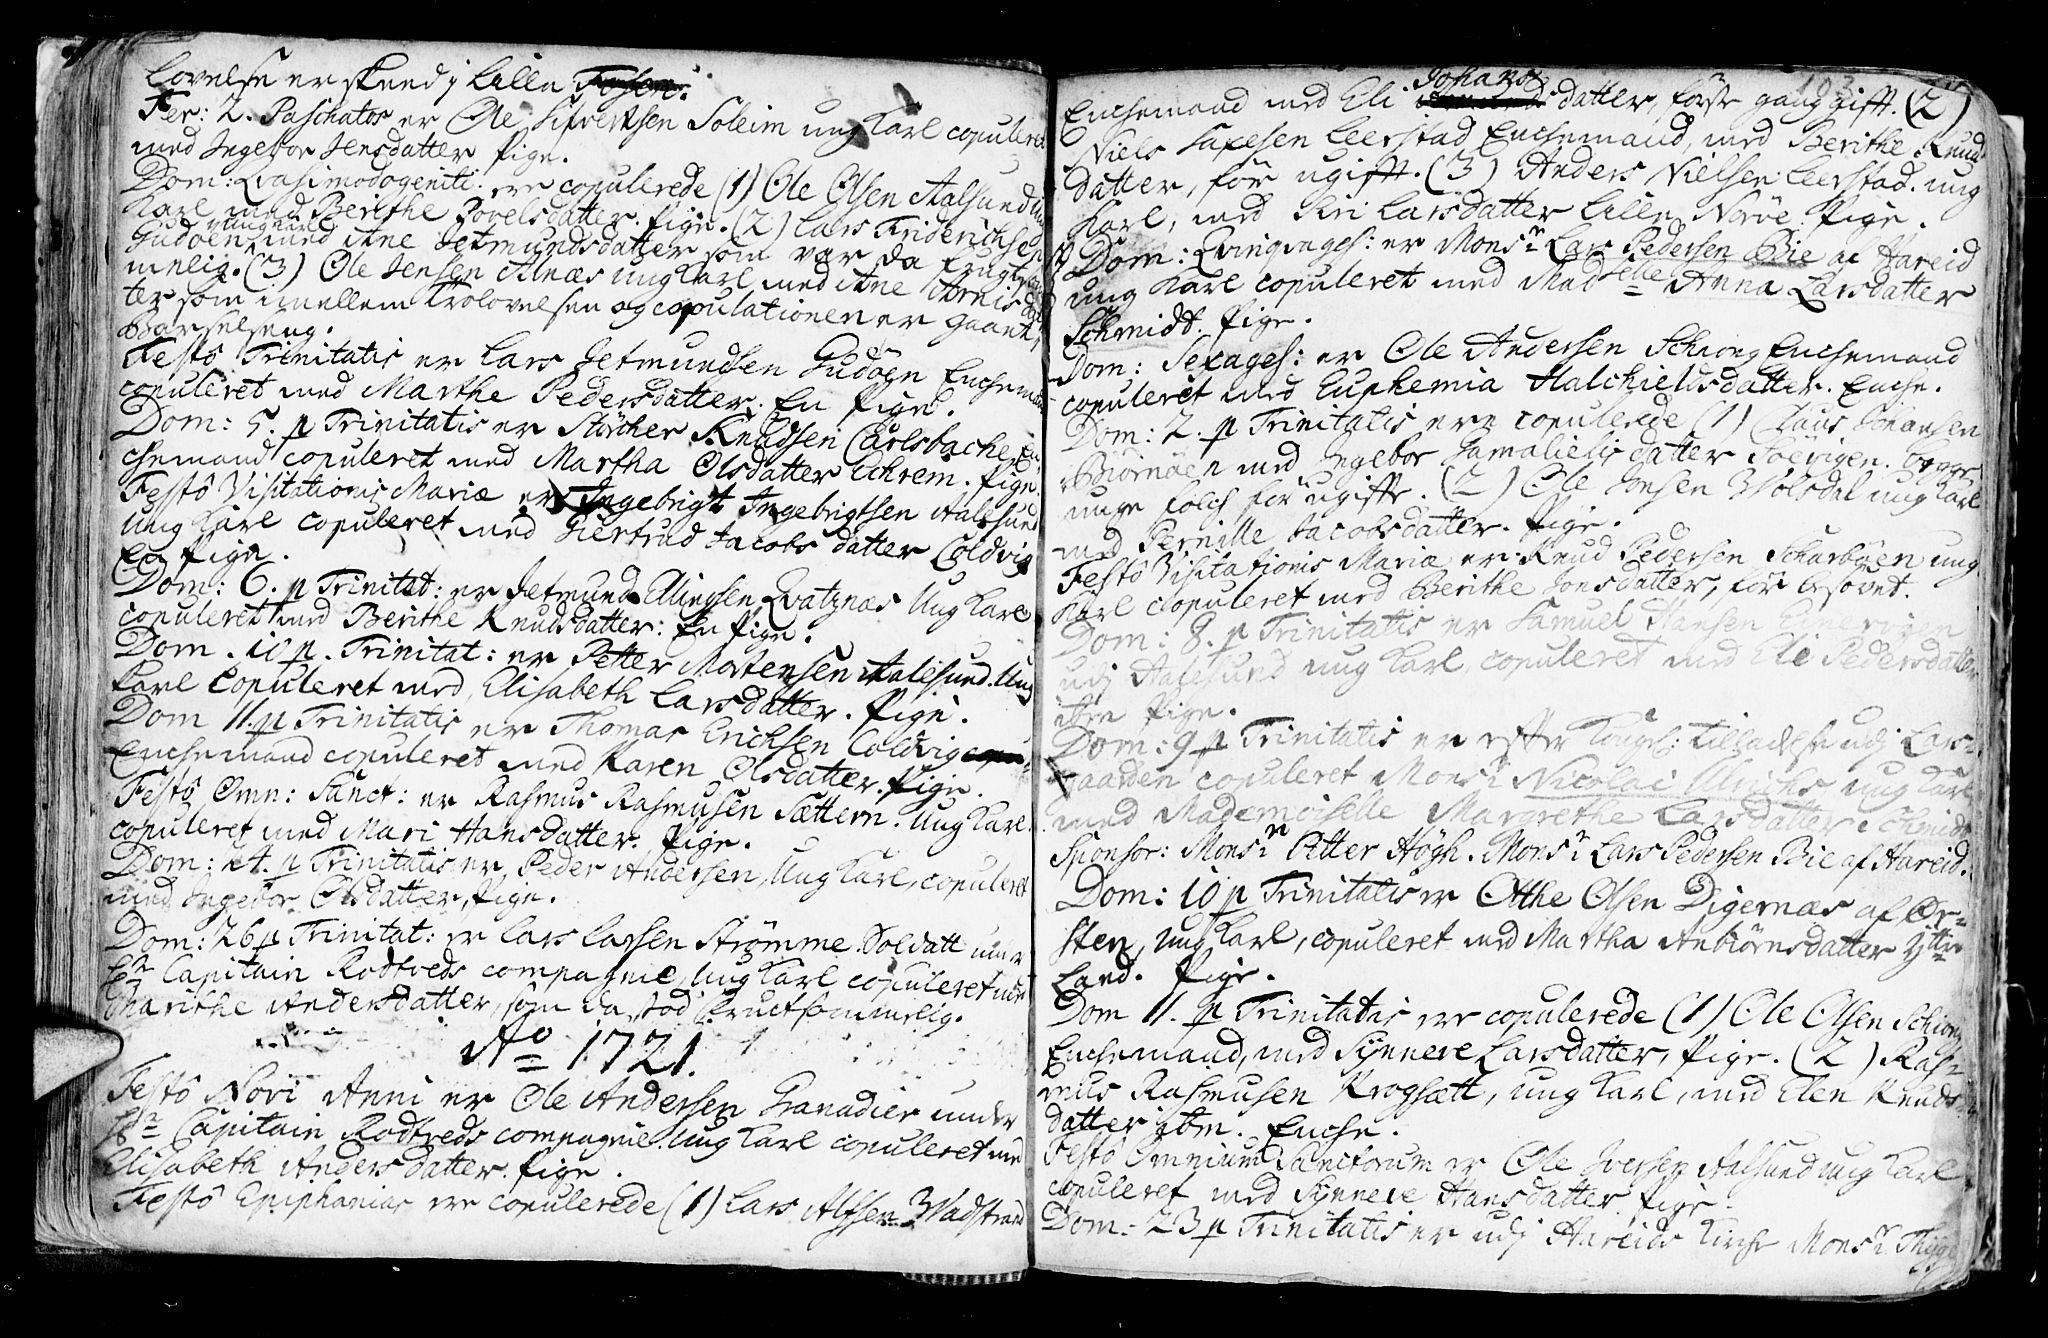 SAT, Ministerialprotokoller, klokkerbøker og fødselsregistre - Møre og Romsdal, 528/L0390: Ministerialbok nr. 528A01, 1698-1739, s. 102-103